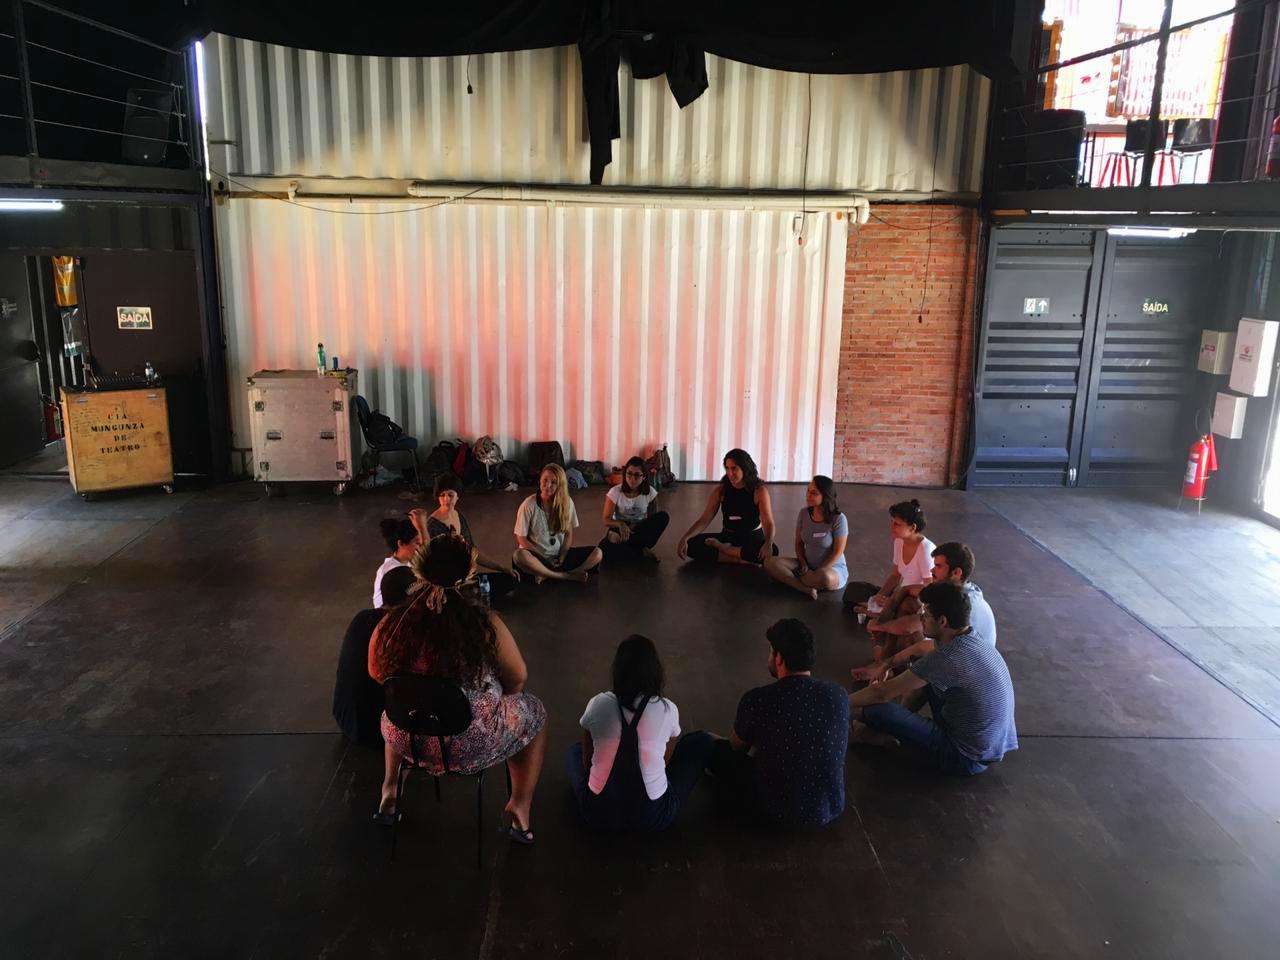 Habitar Terra - Oficina realizada à convite do I Seminário Arquitetura para Autonomia- Ativando territórios de educação, organizado pelo Instituto A Cidade Precisa de Você e pela Escola Sem Muros.